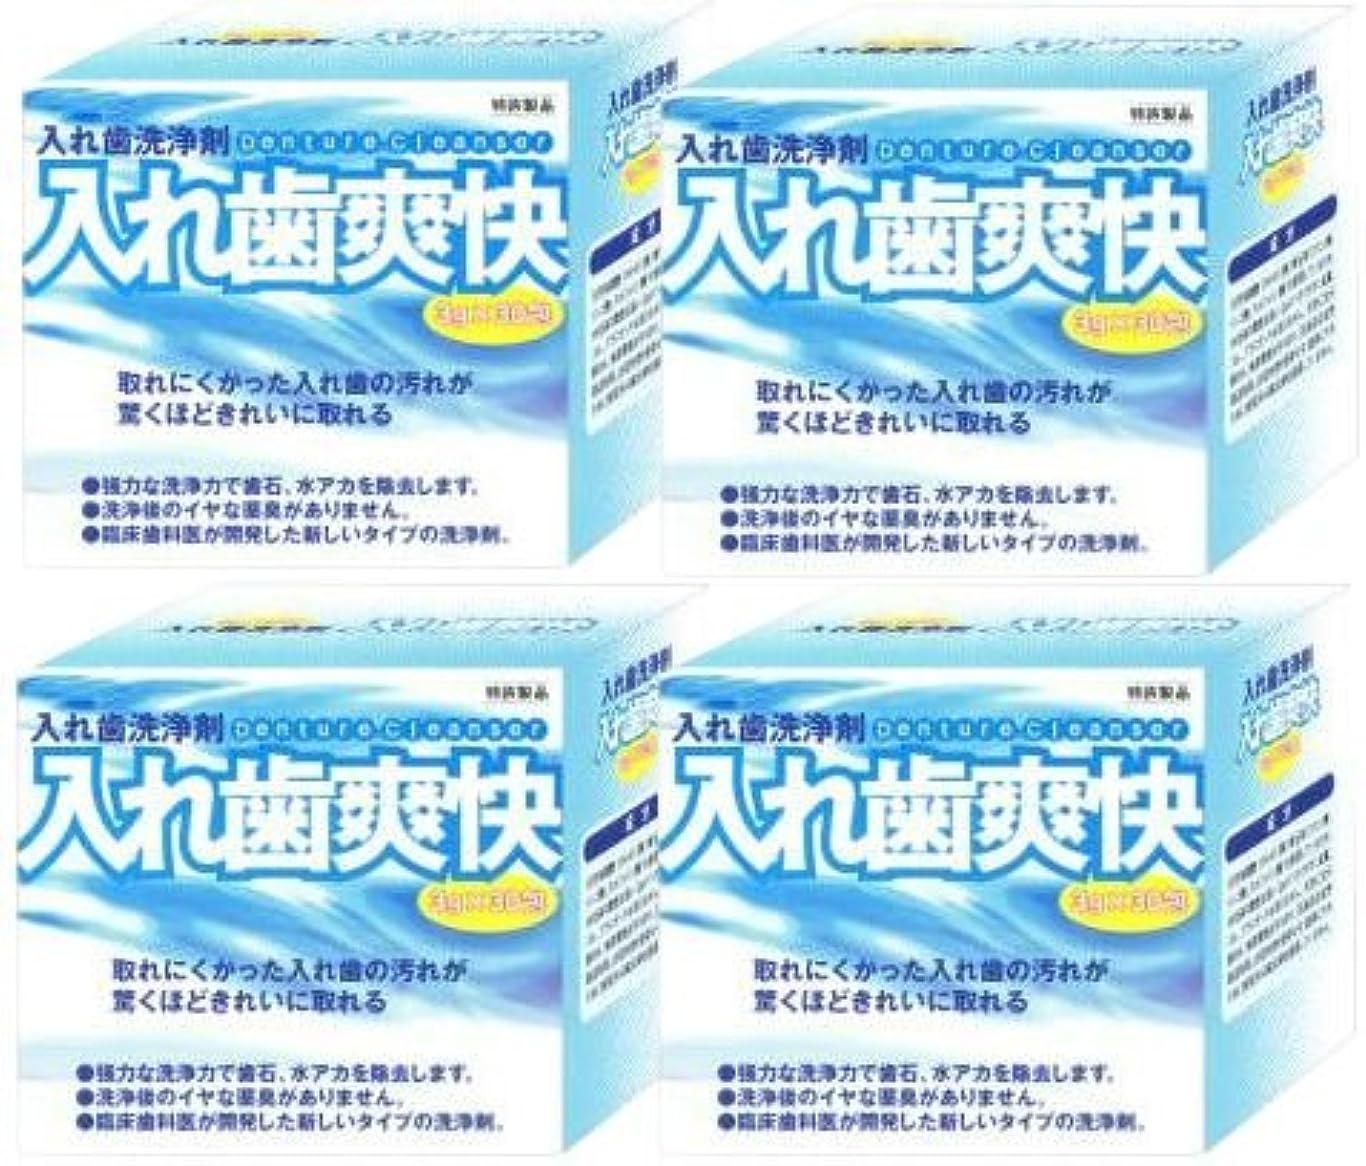 決定スピン消去【和田精密歯研】【歯科用】入れ歯爽快 1箱 3g×30包【義歯洗浄剤】4個セット